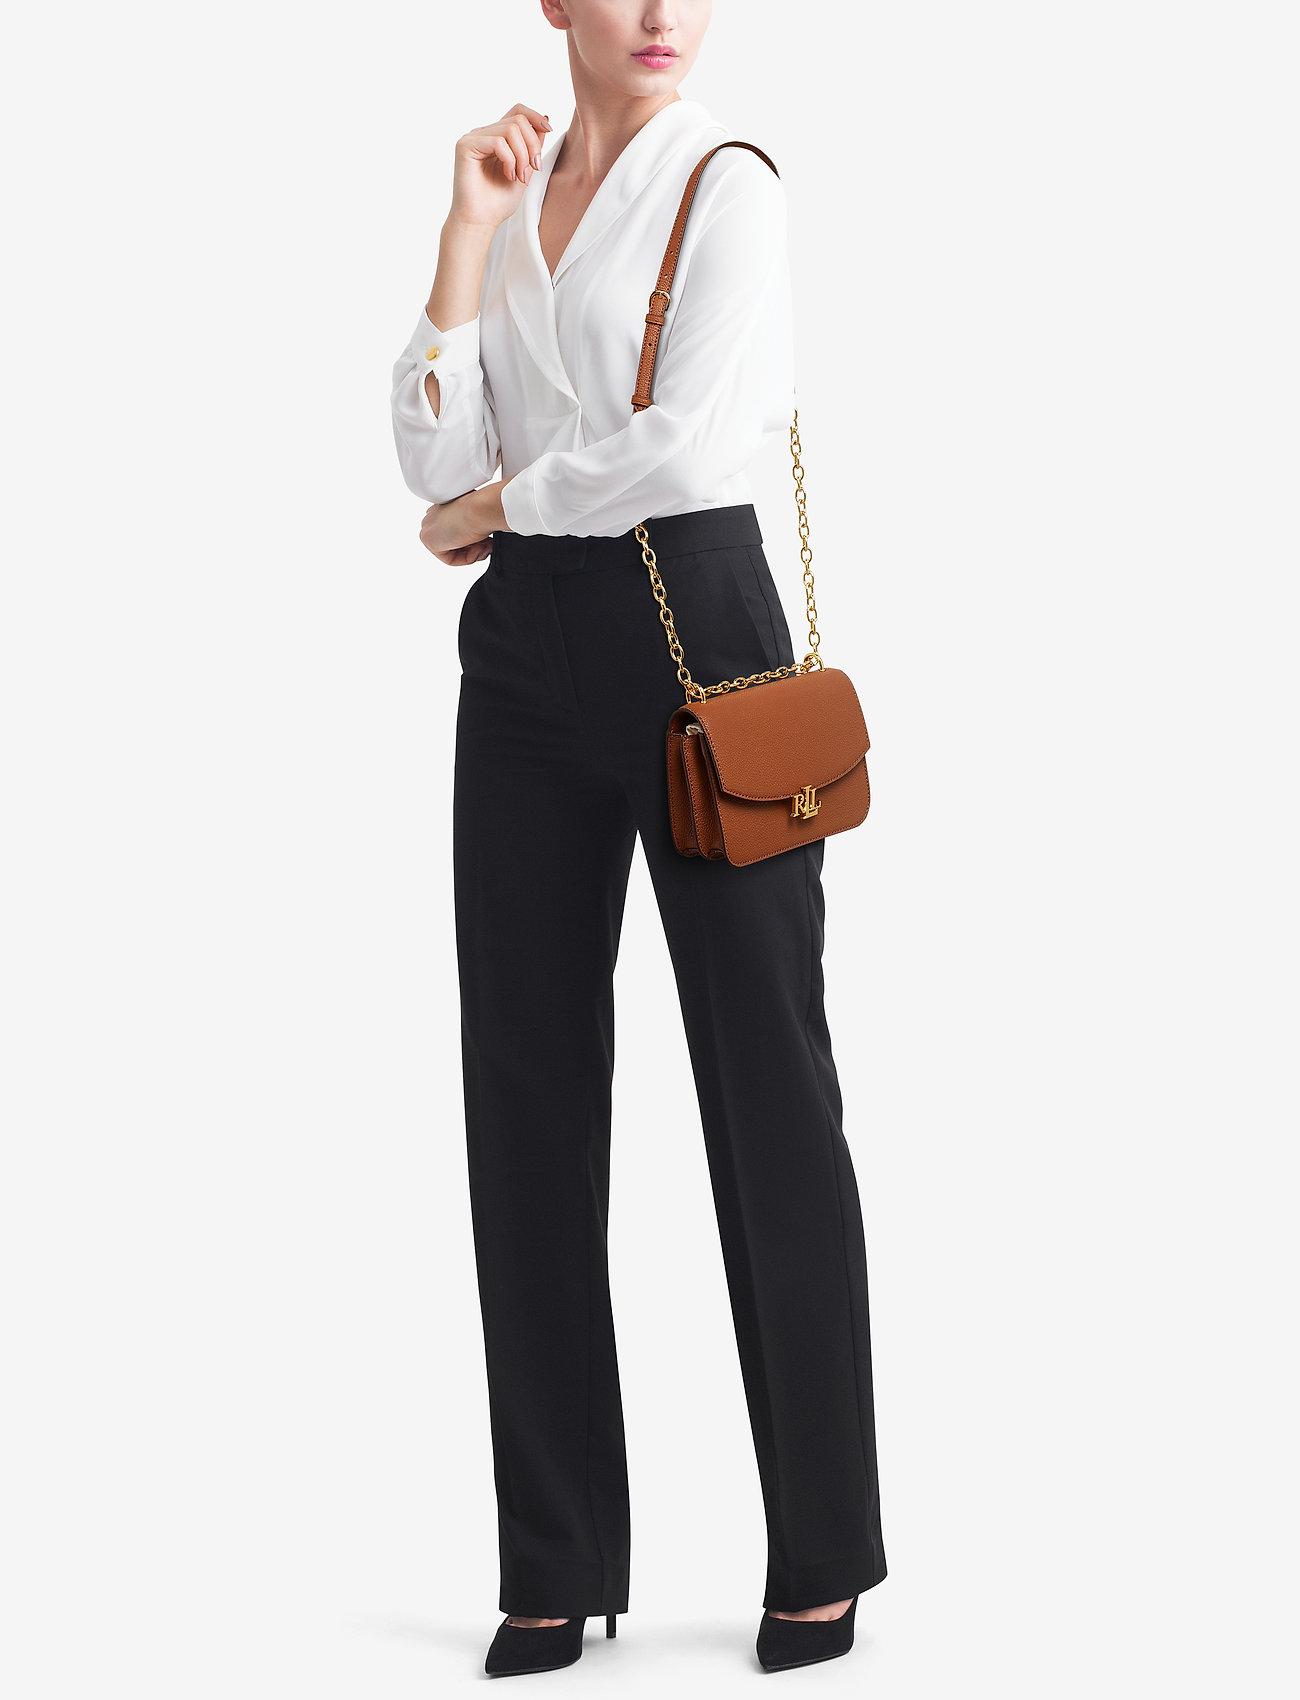 Lauren Ralph Lauren Medium Leather Crossbody Bag - LAUREN TAN